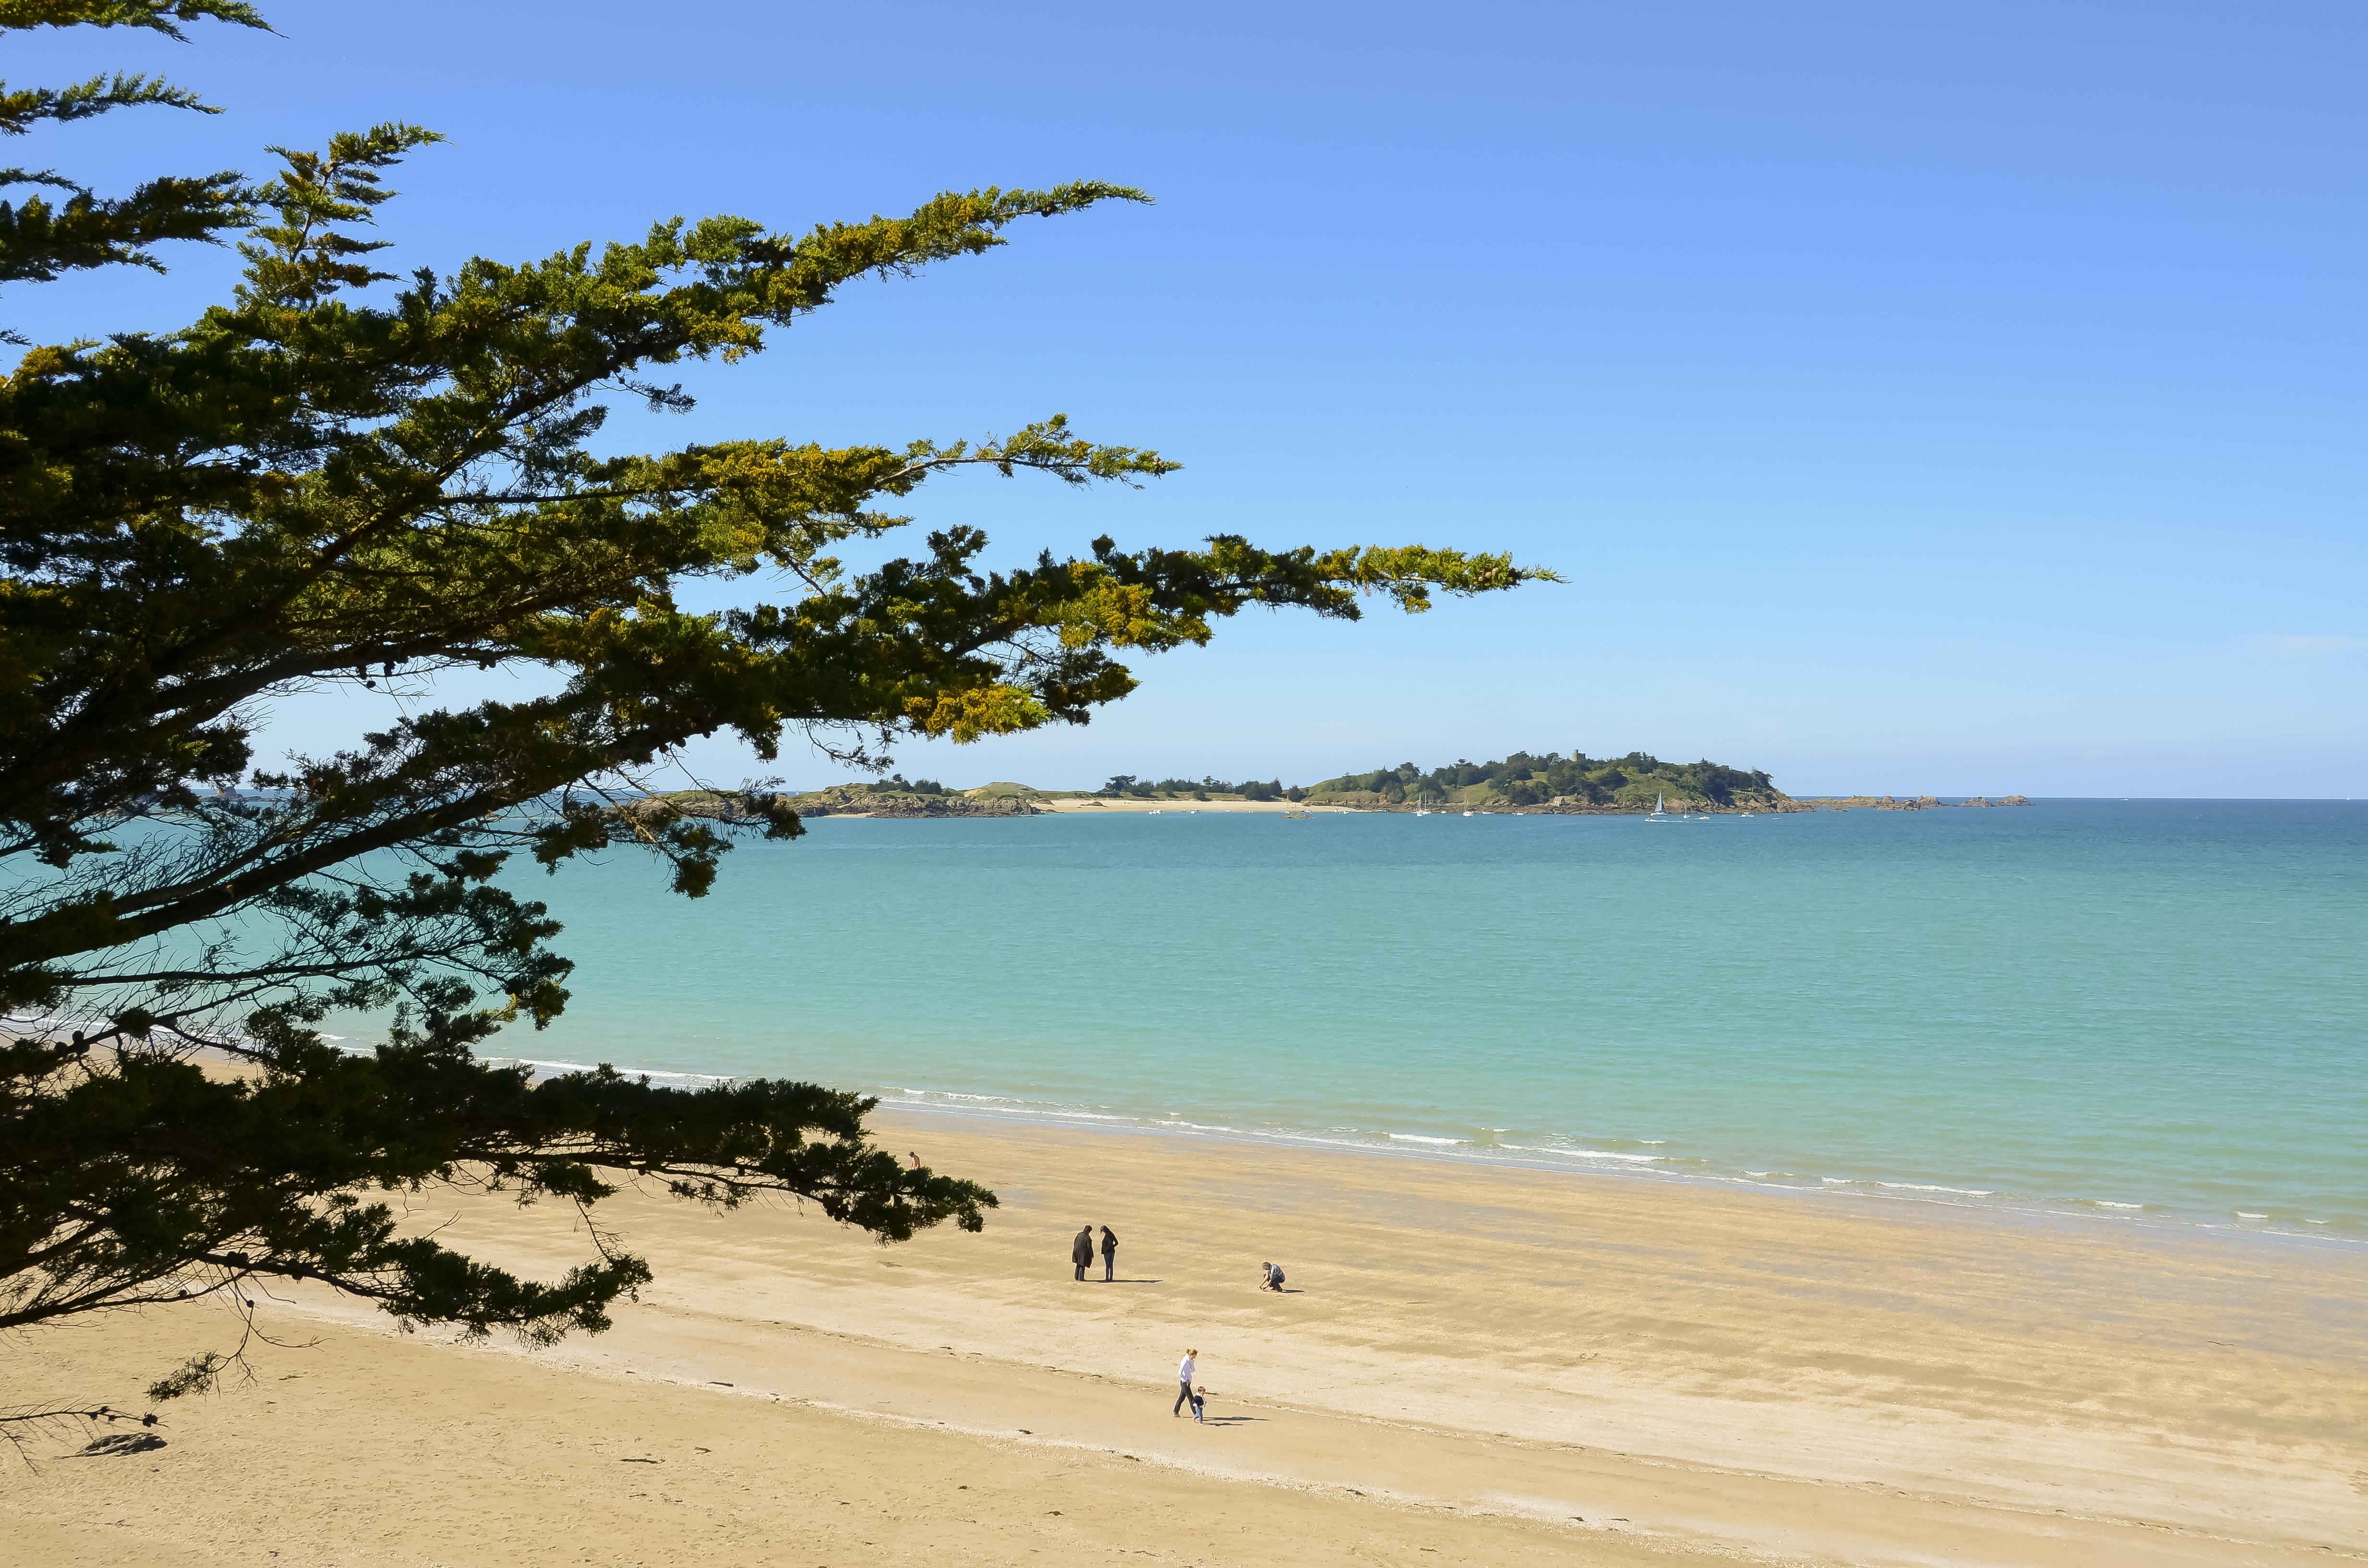 Visita la costa esmeralda con bici